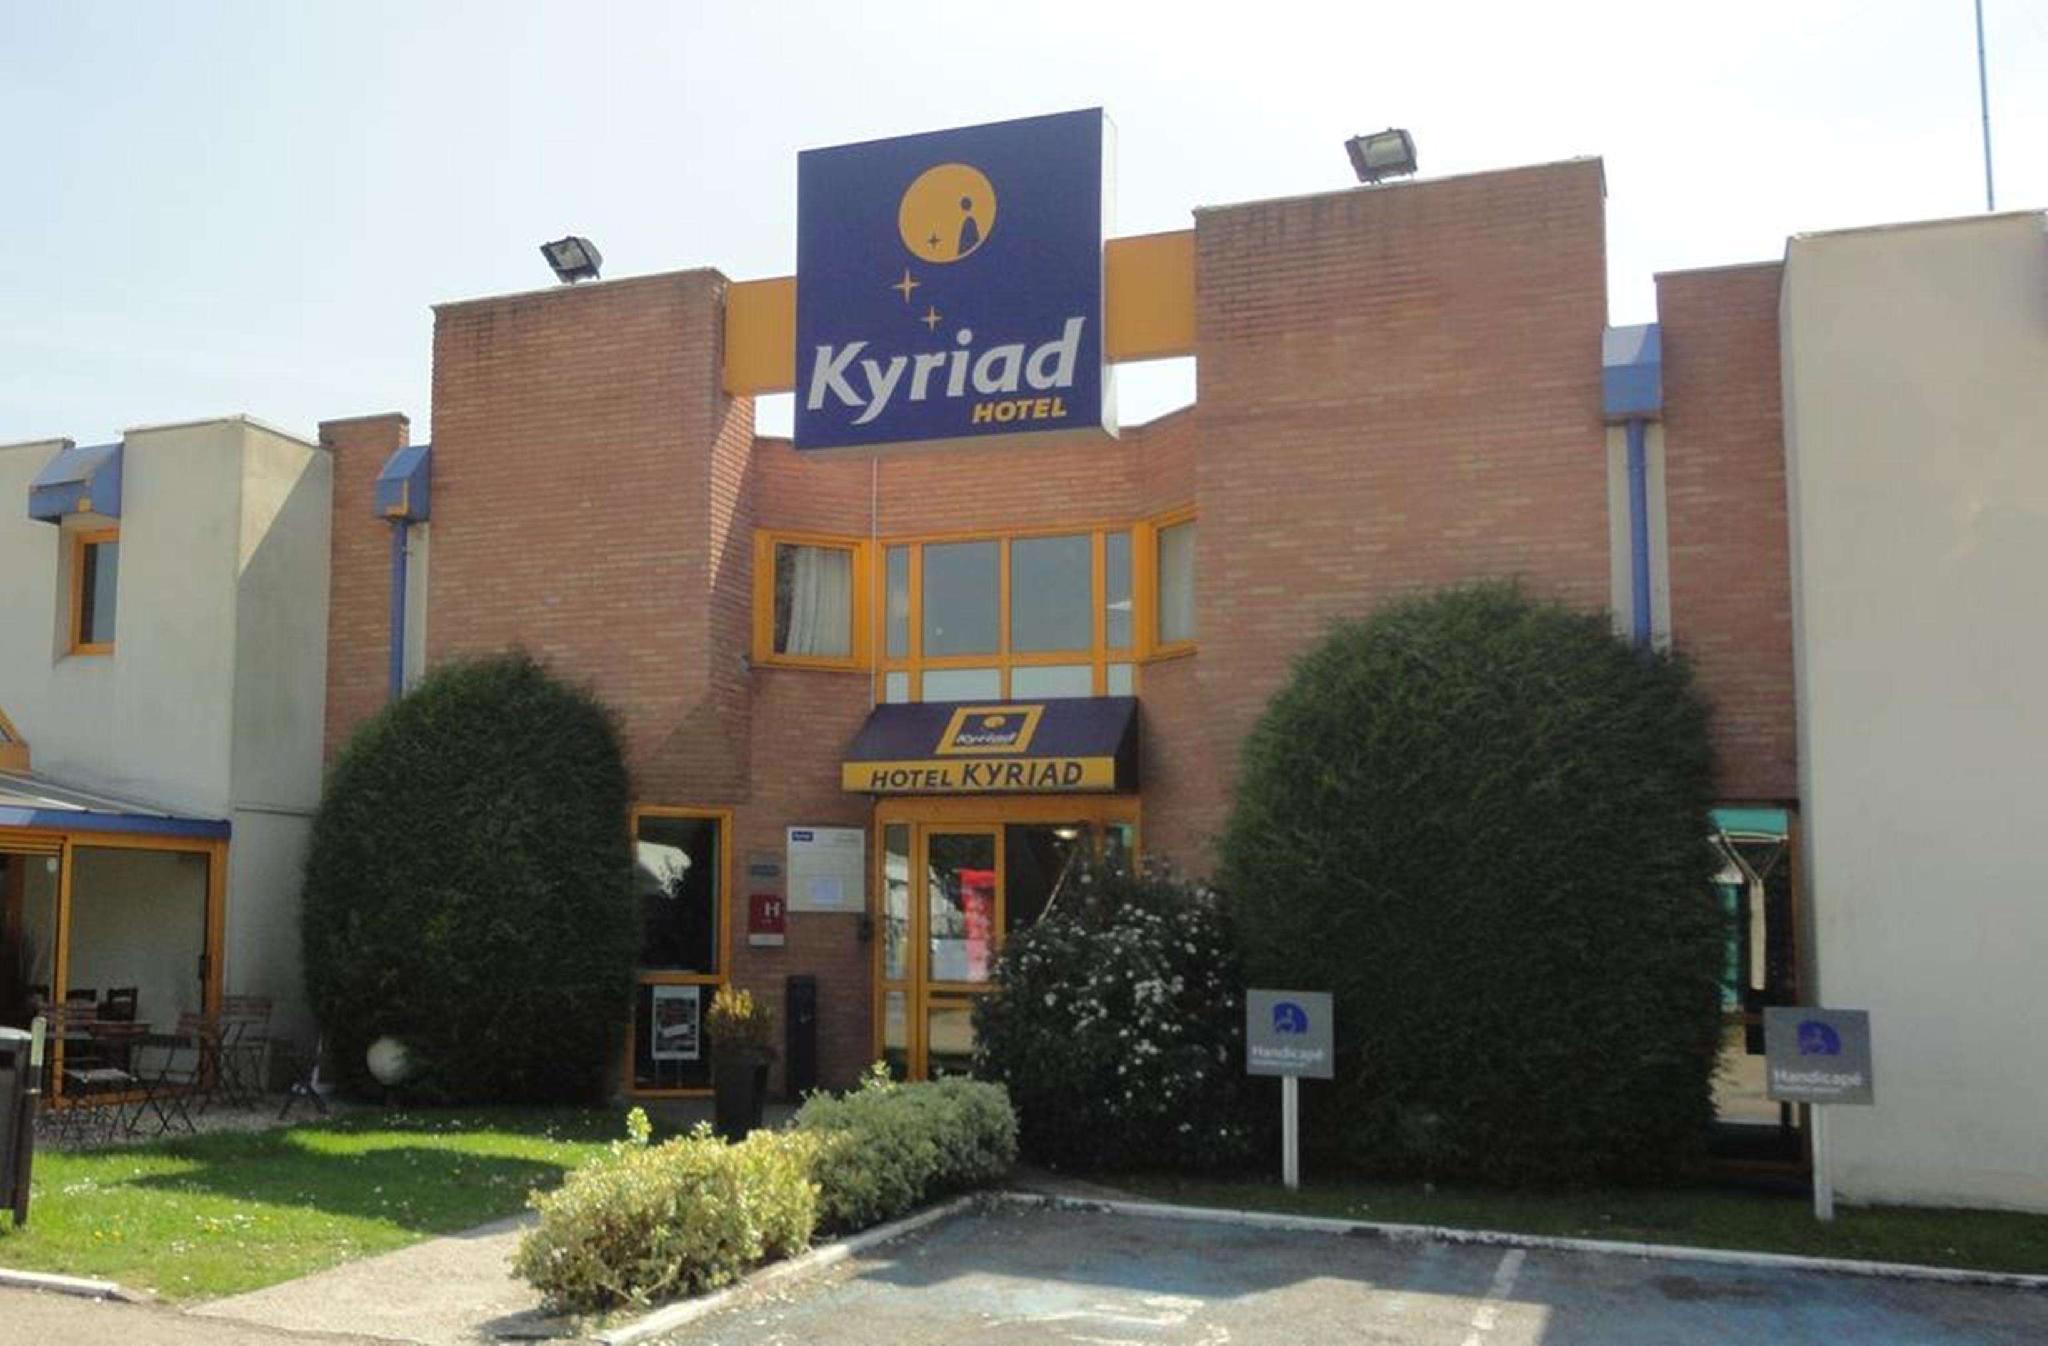 Kyriad Chantilly Hotel